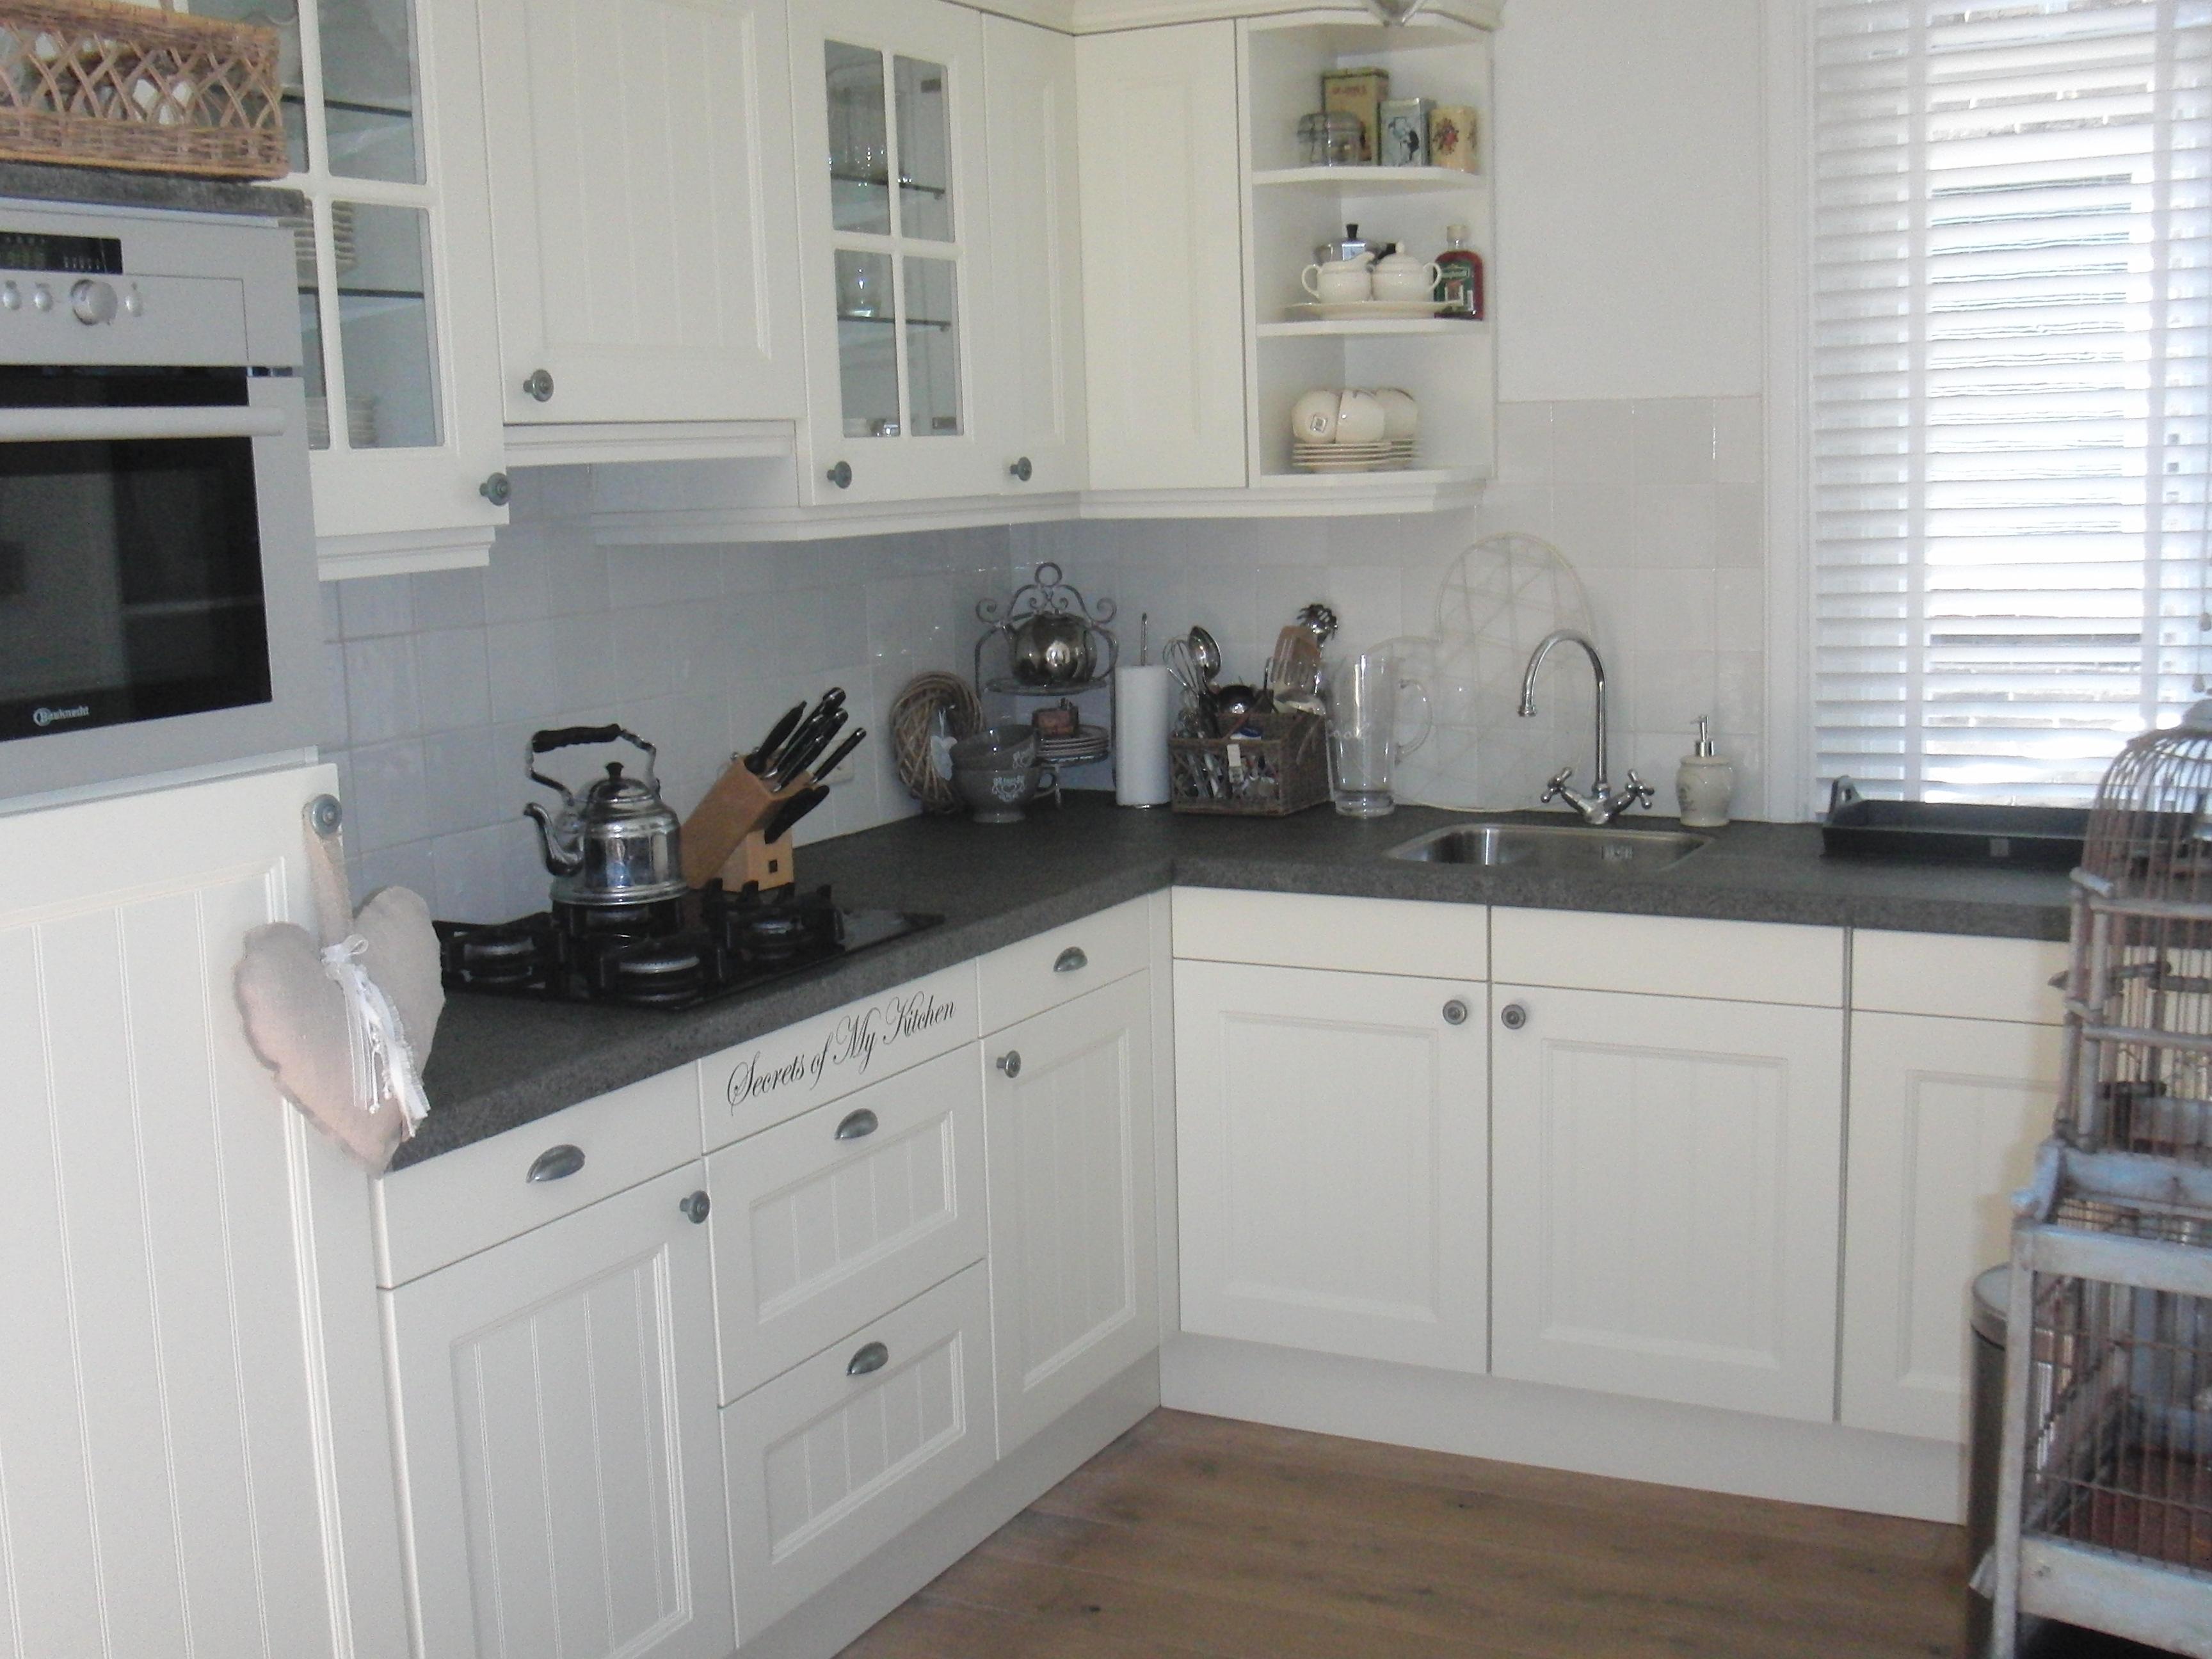 Keuken kleur ideeen inspiratie het beste interieur - Keuken kleur idee ...